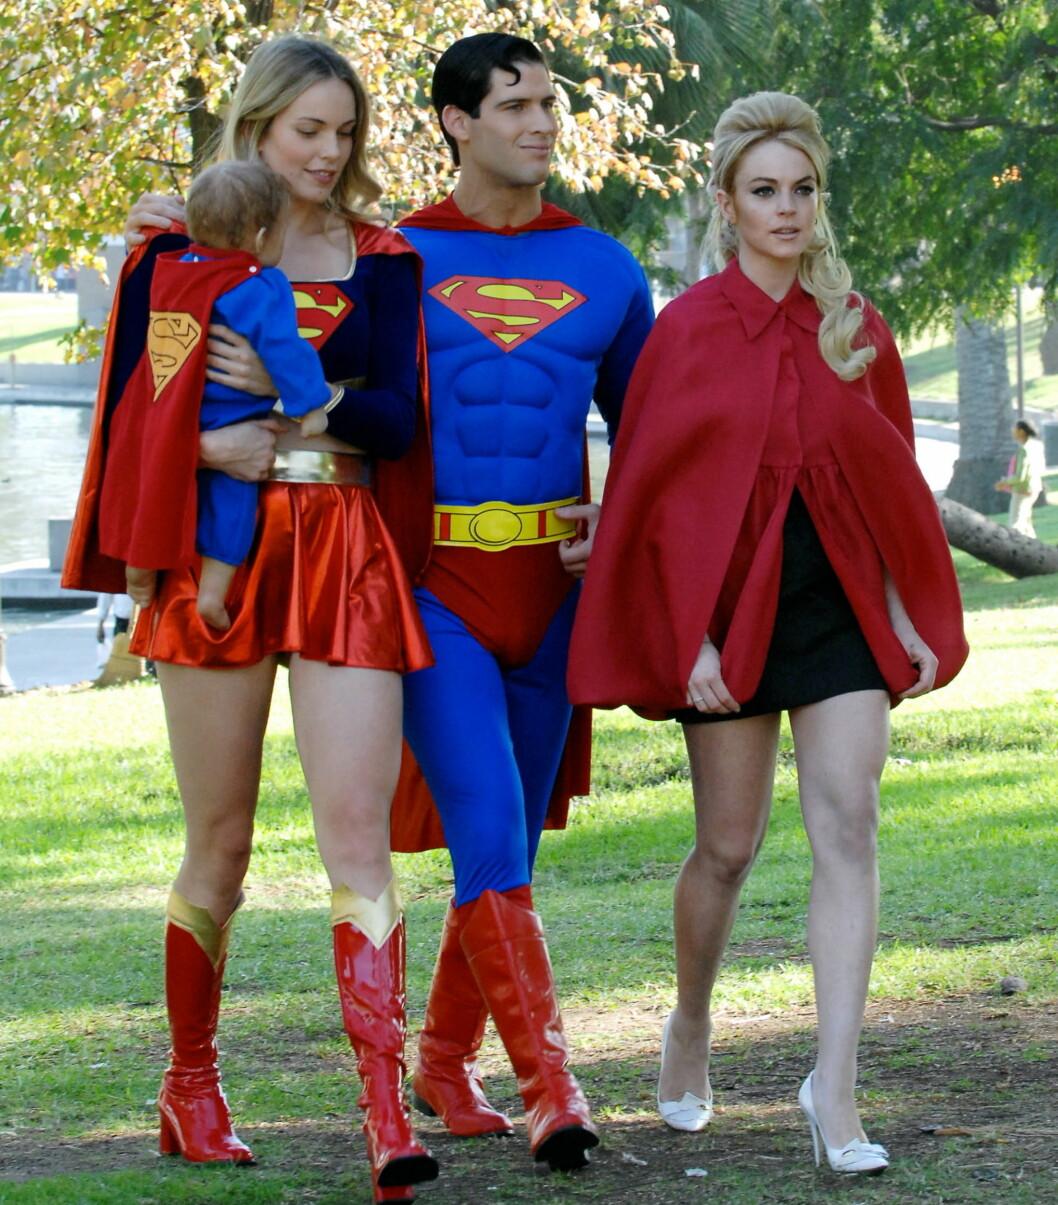 Superheltene på tur i skogen. Legg merke til  Supermanns gåseaktige smil.